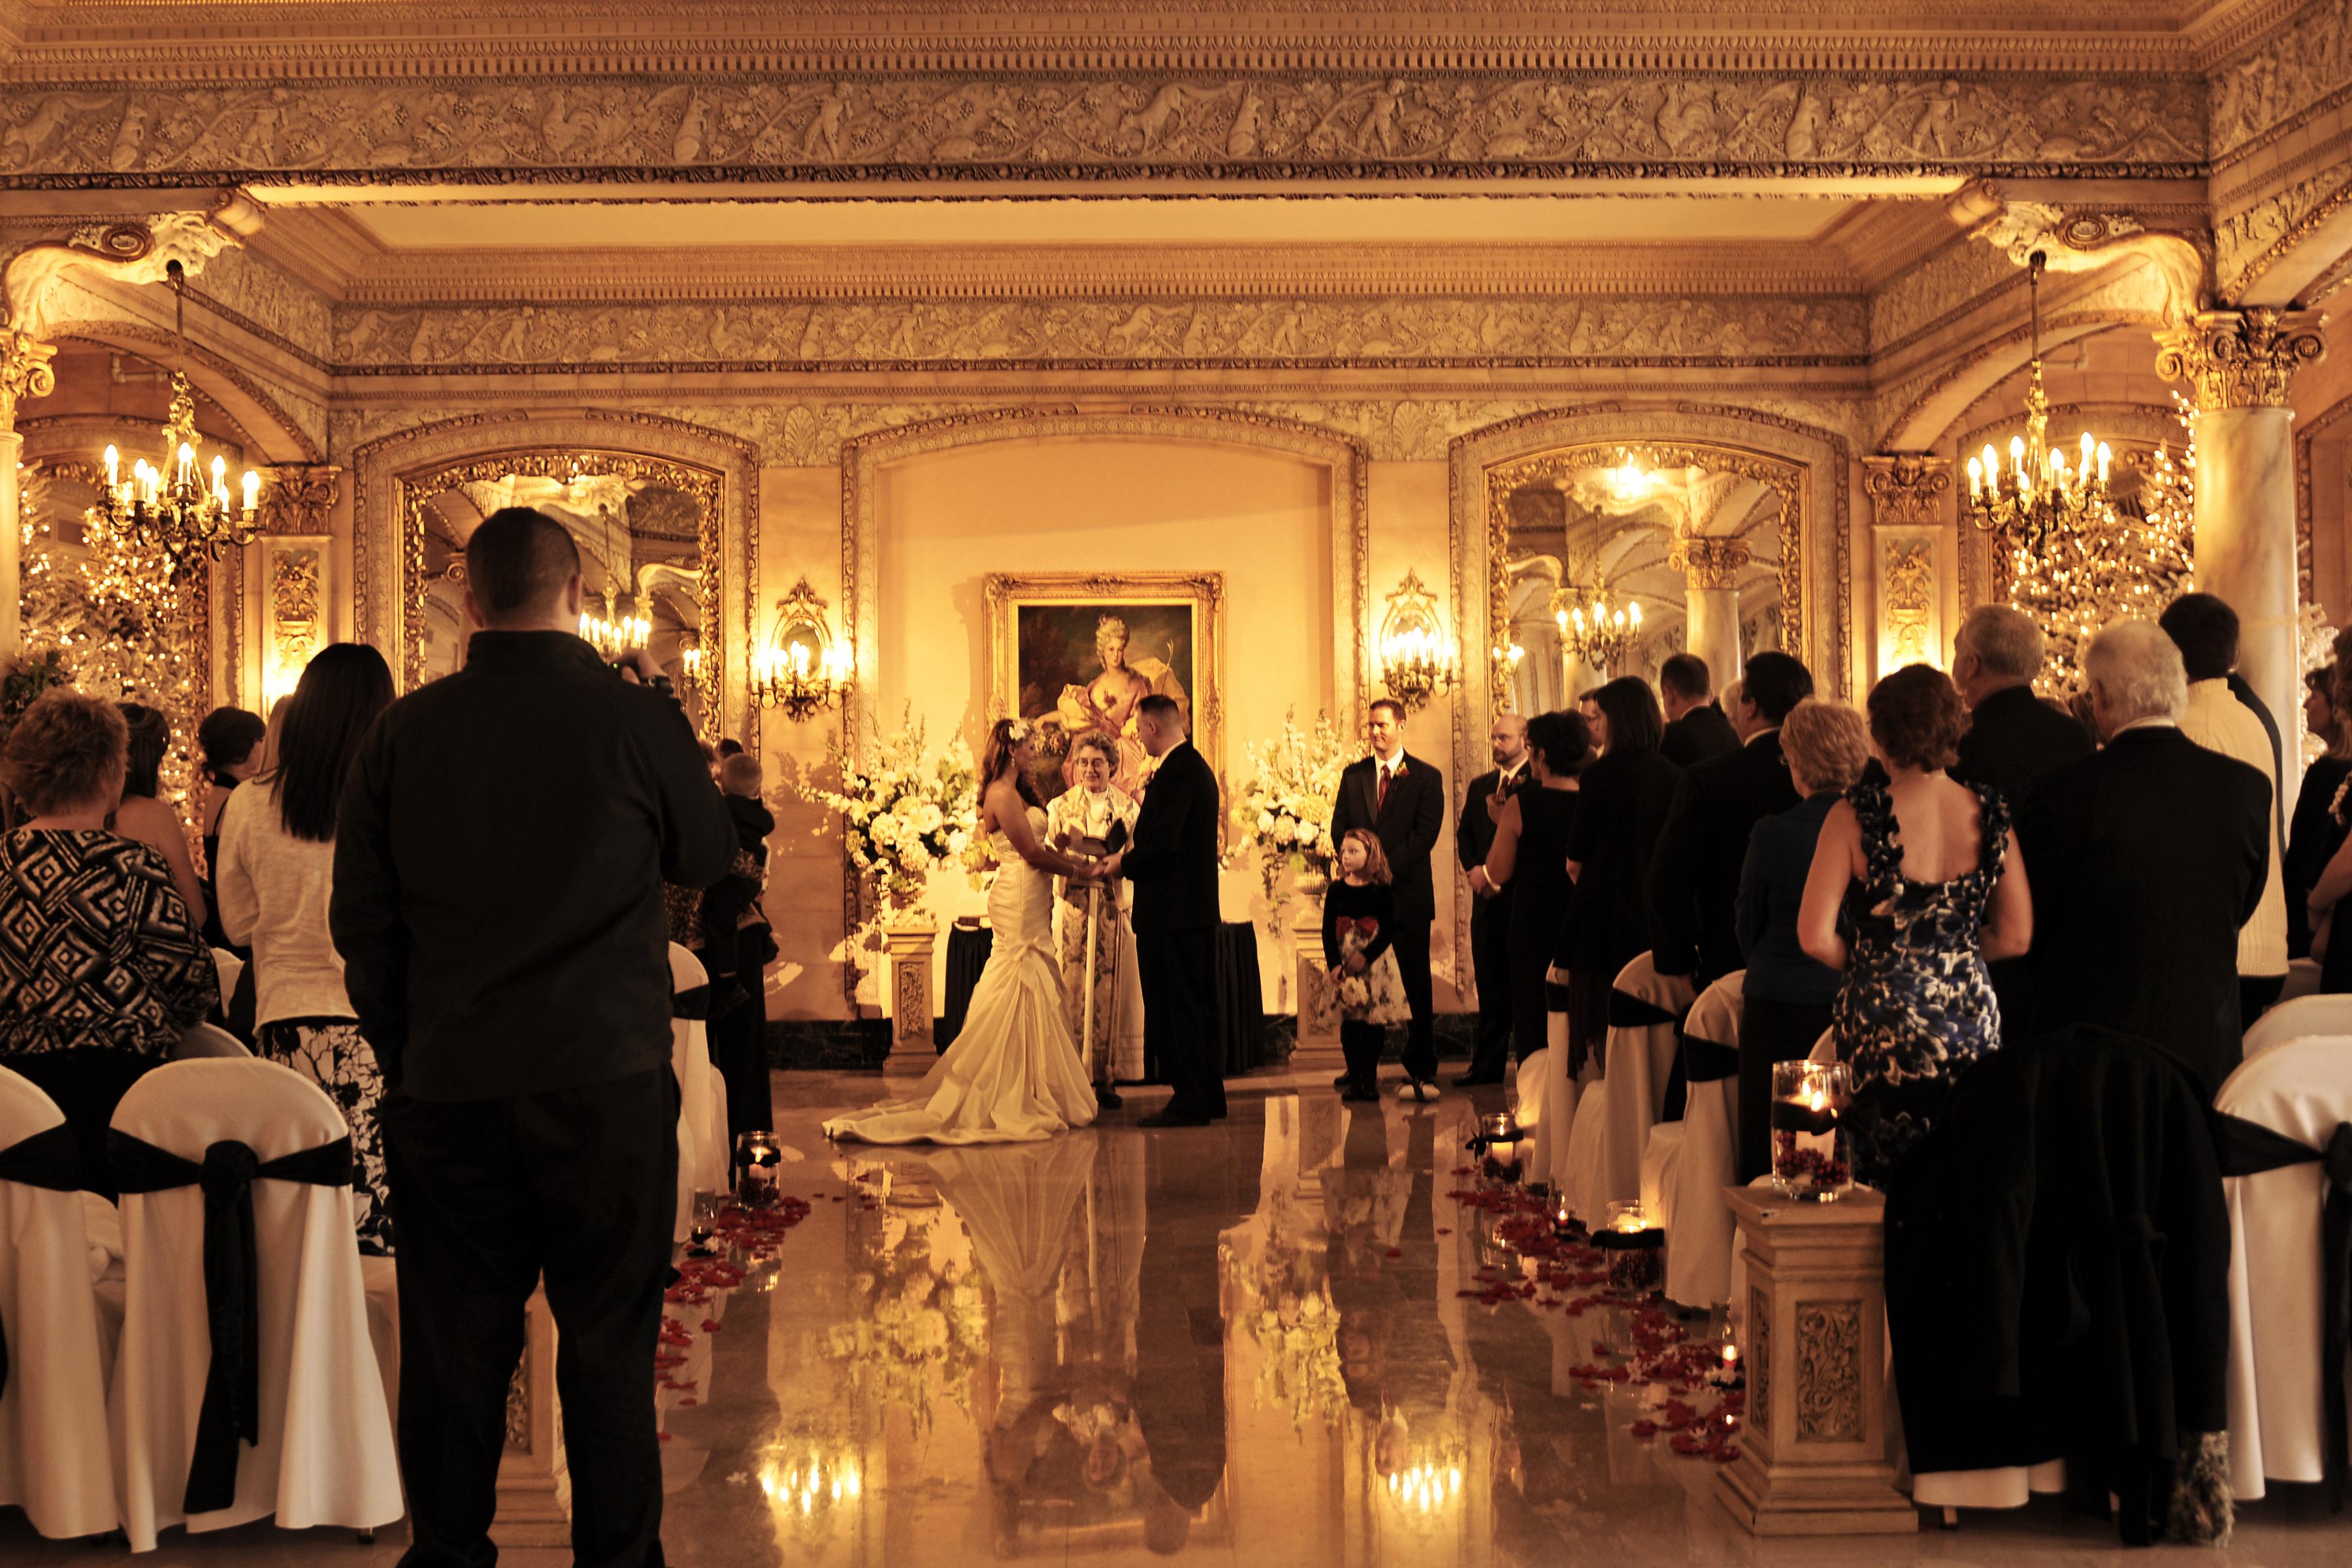 Davenport hotel spokane wedding